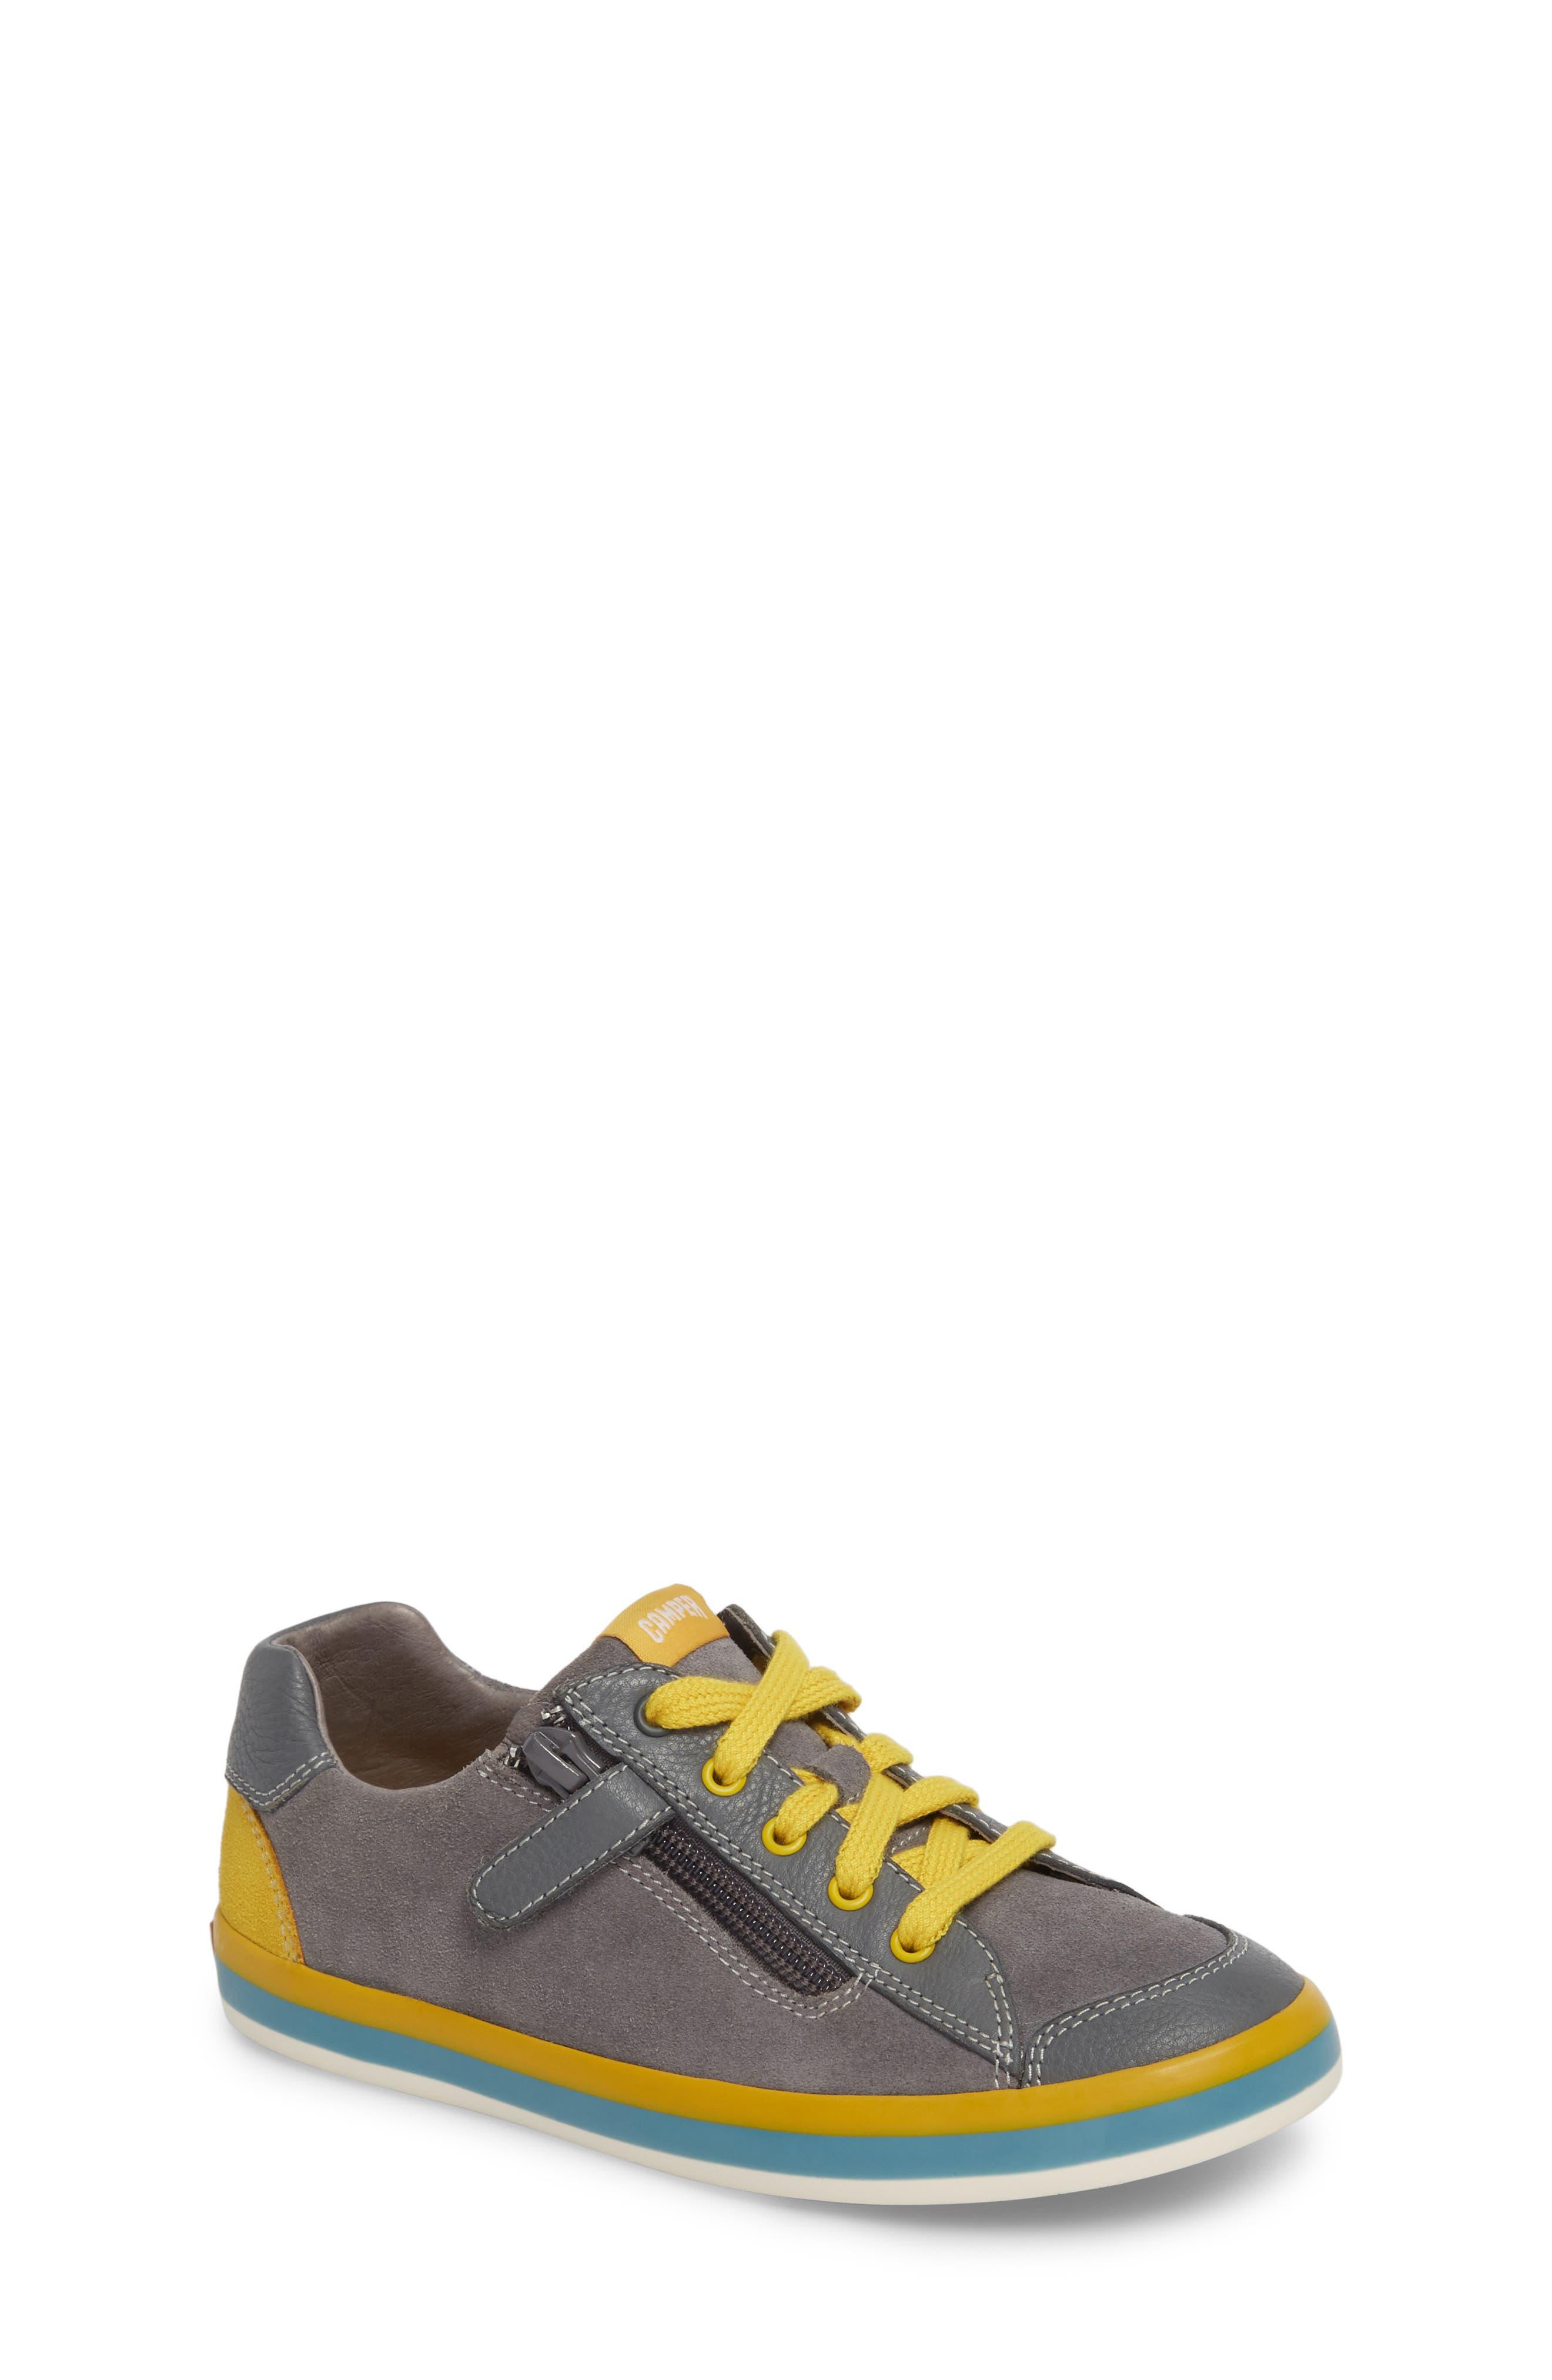 Pursuit Sneaker,                         Main,                         color, 030